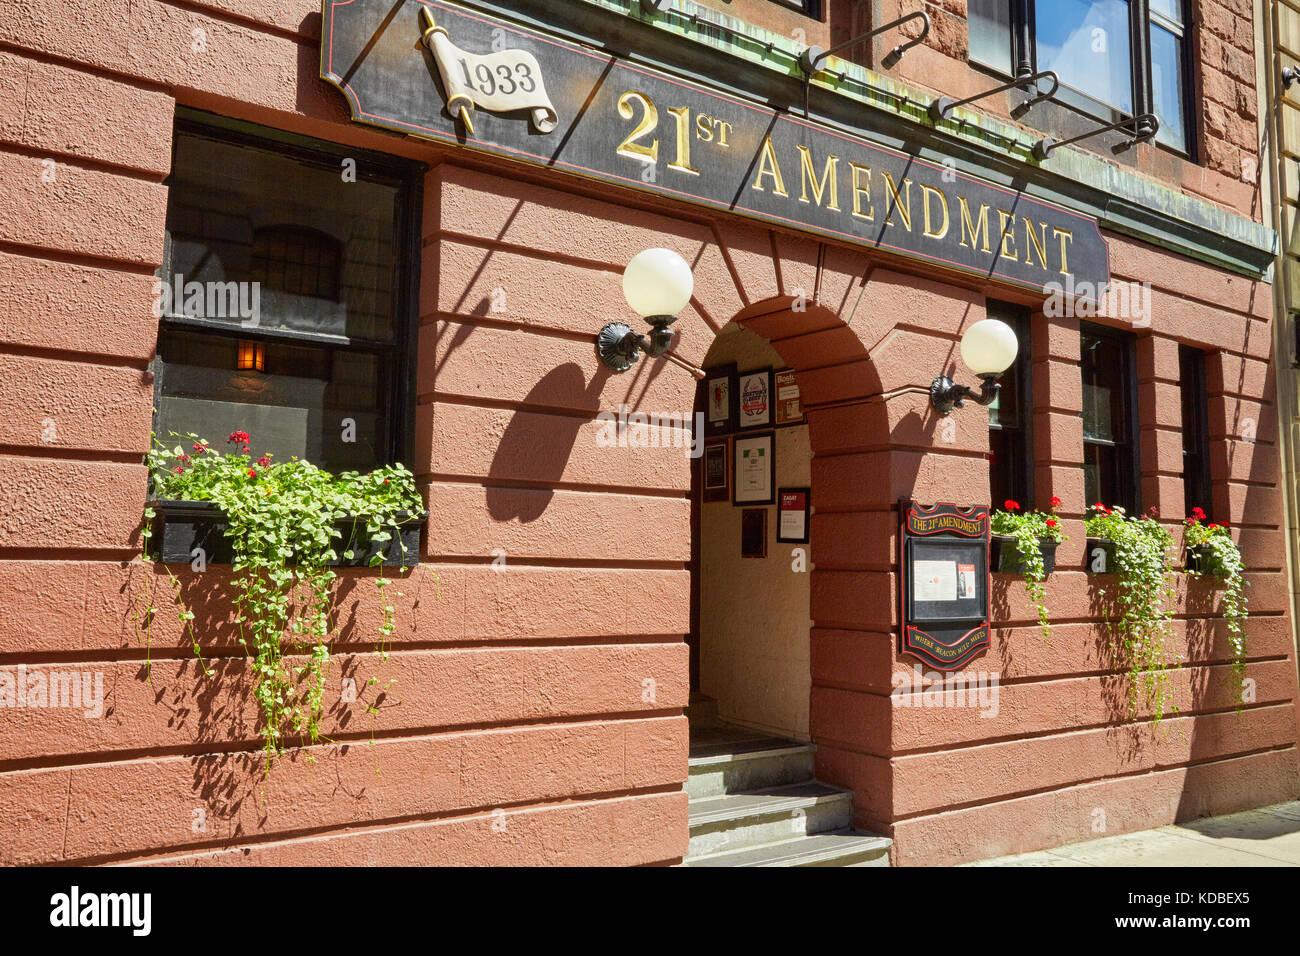 21st Amendment Restaurant, Bowdoin Street, Boston, Massachusetts, USA - Stock Image